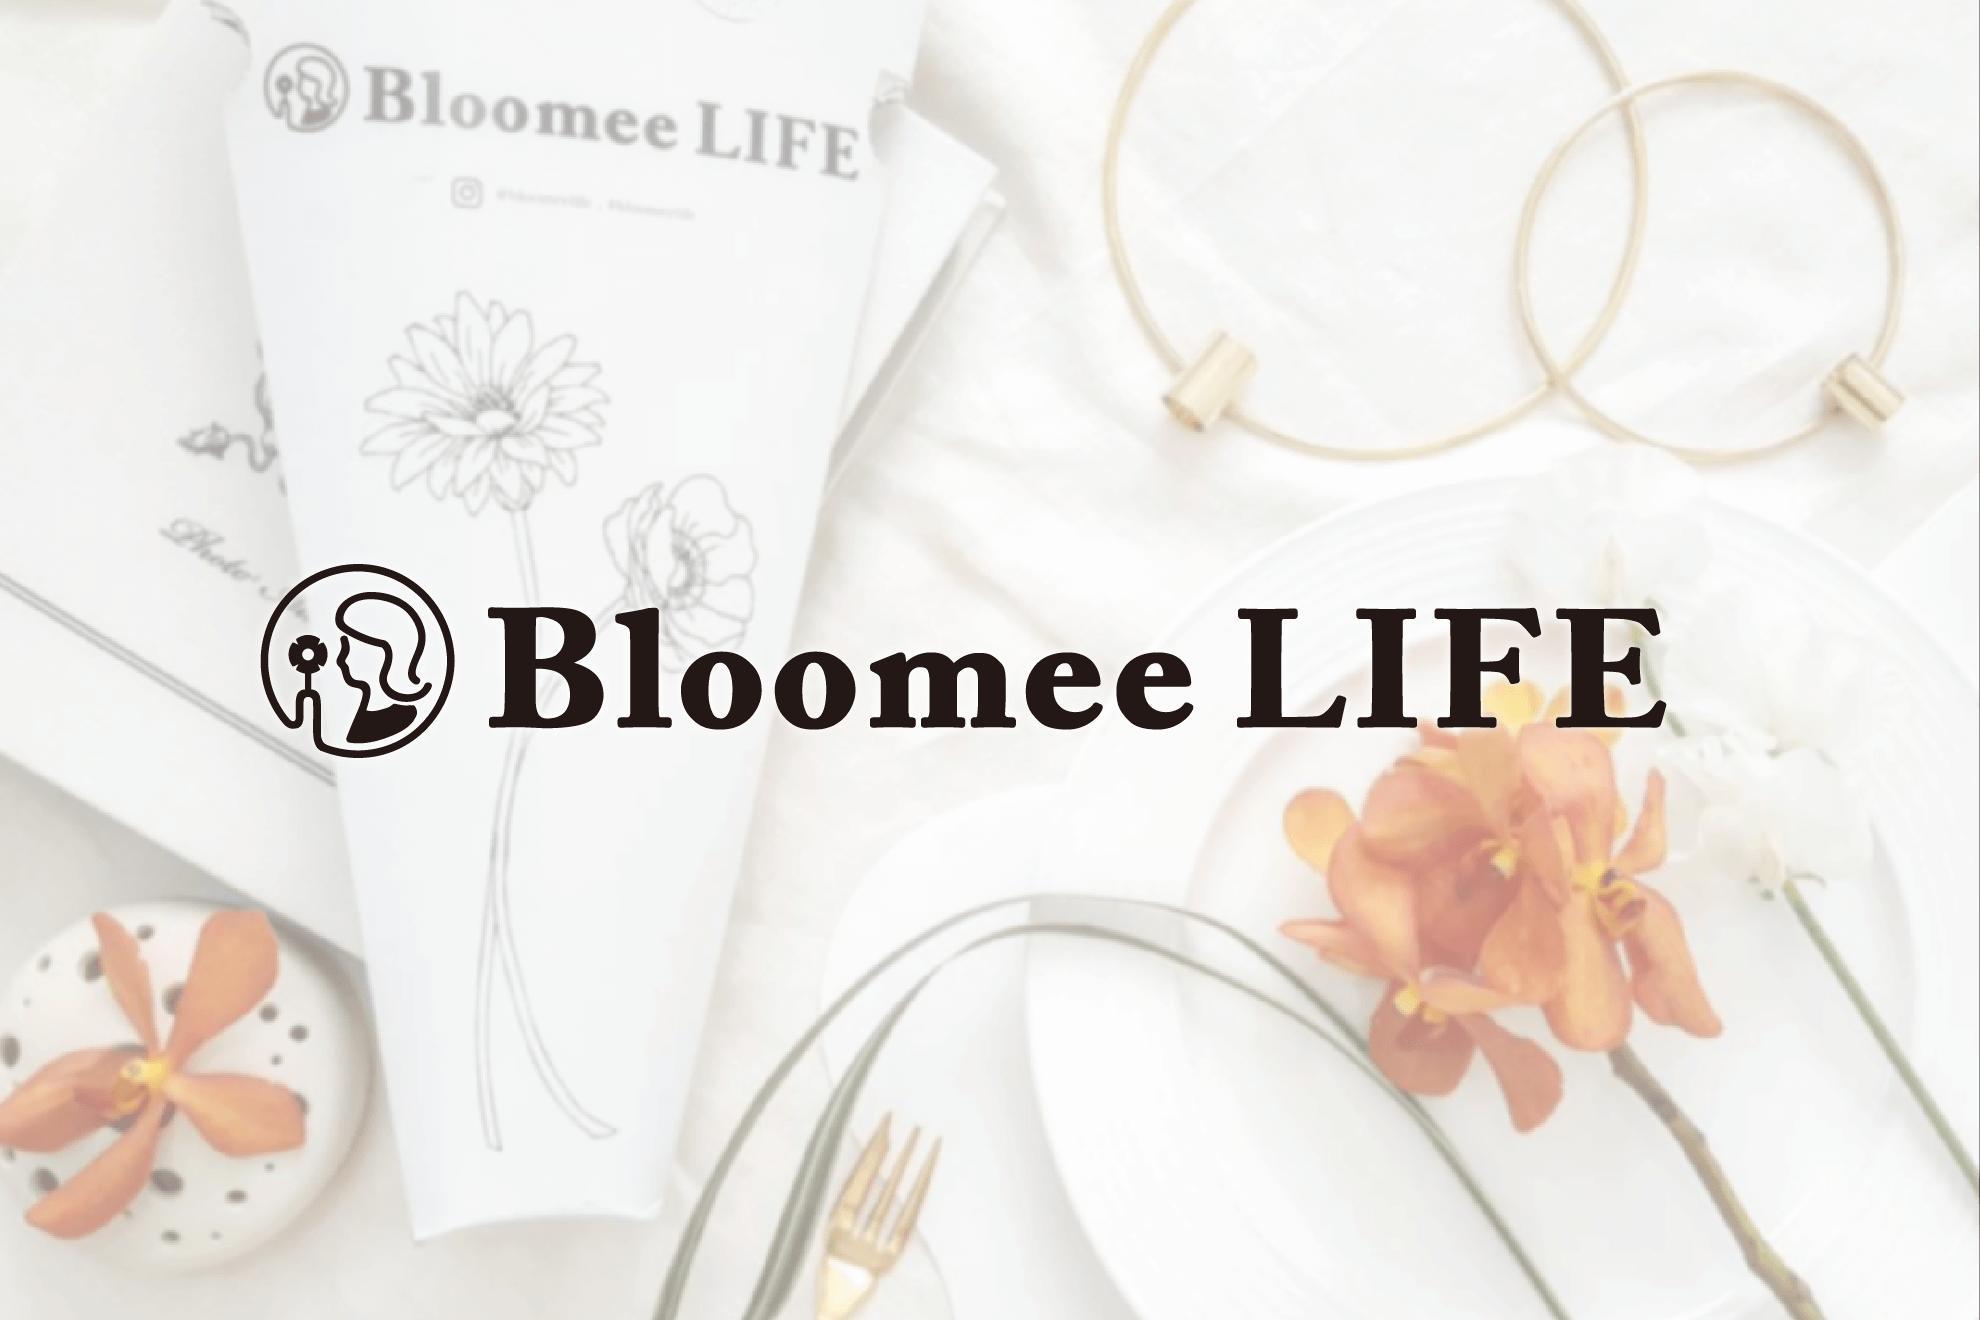 未来のオンライン花屋を一緒に創るフラワーキャストを大募集!